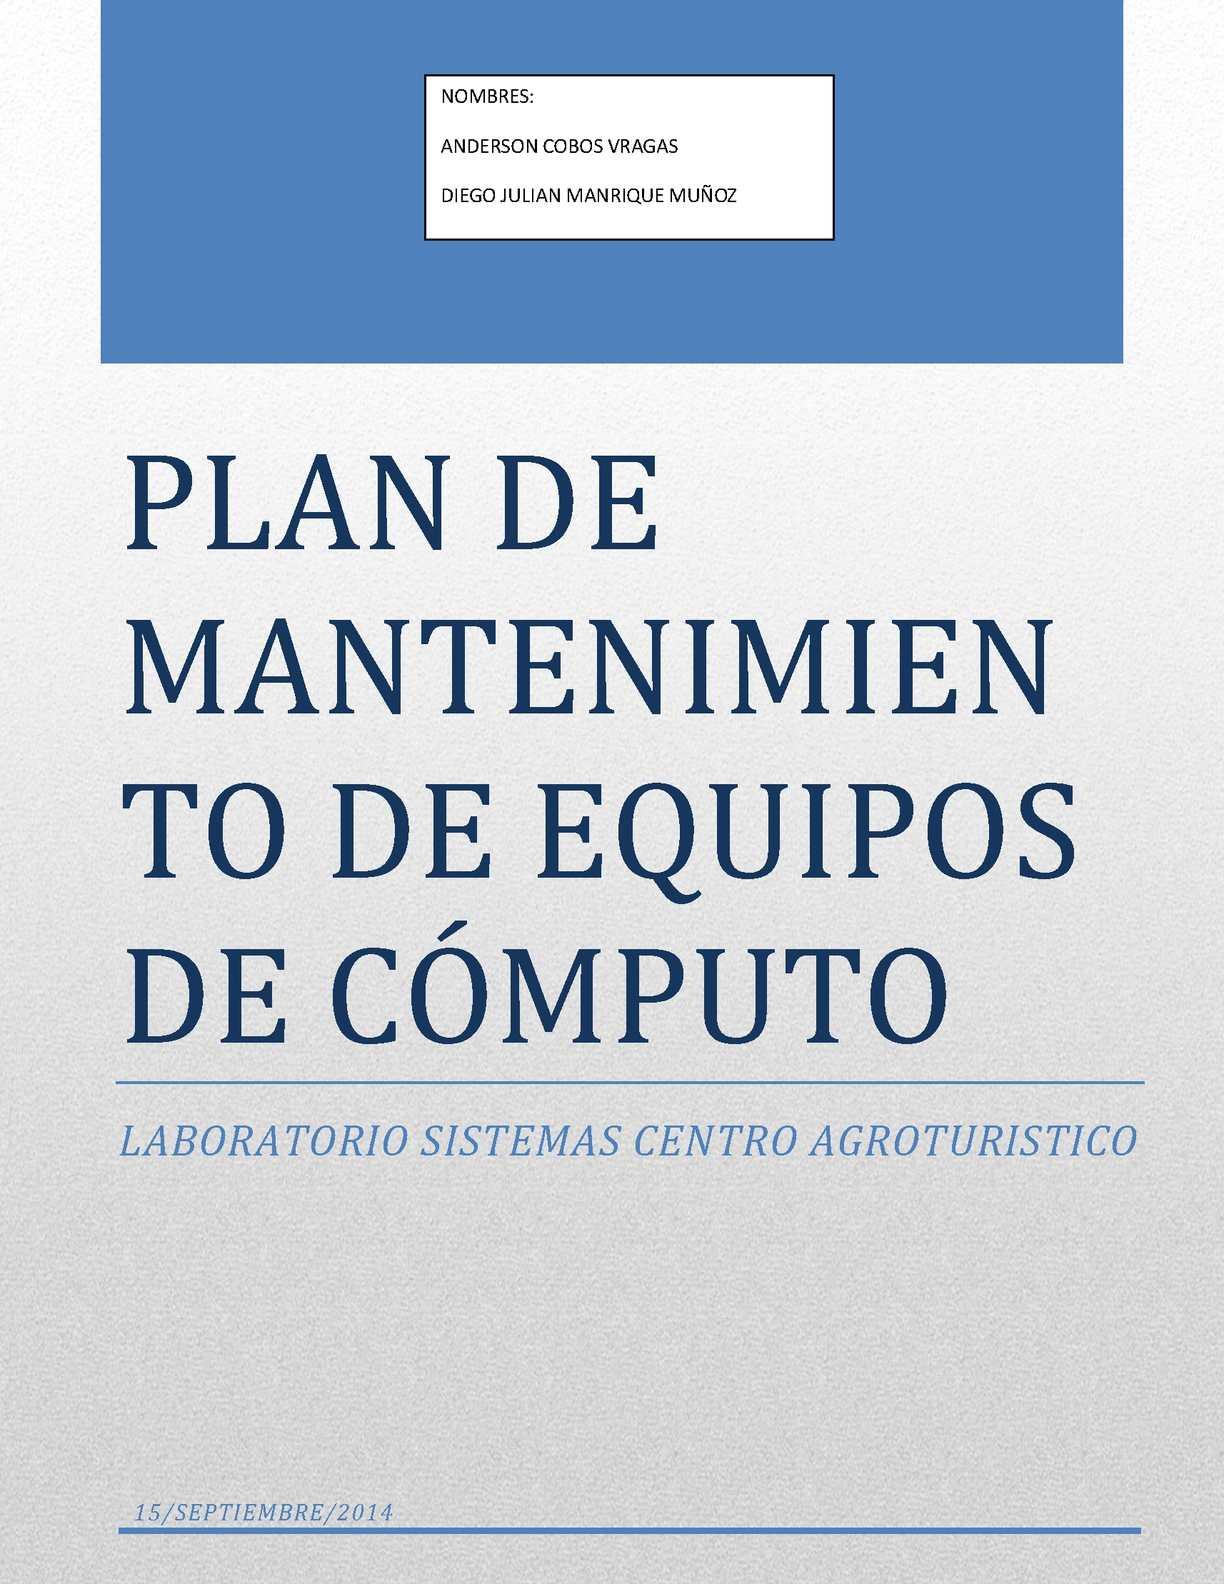 Mantenimiento de equipos de computo (plan de mantenimiento)